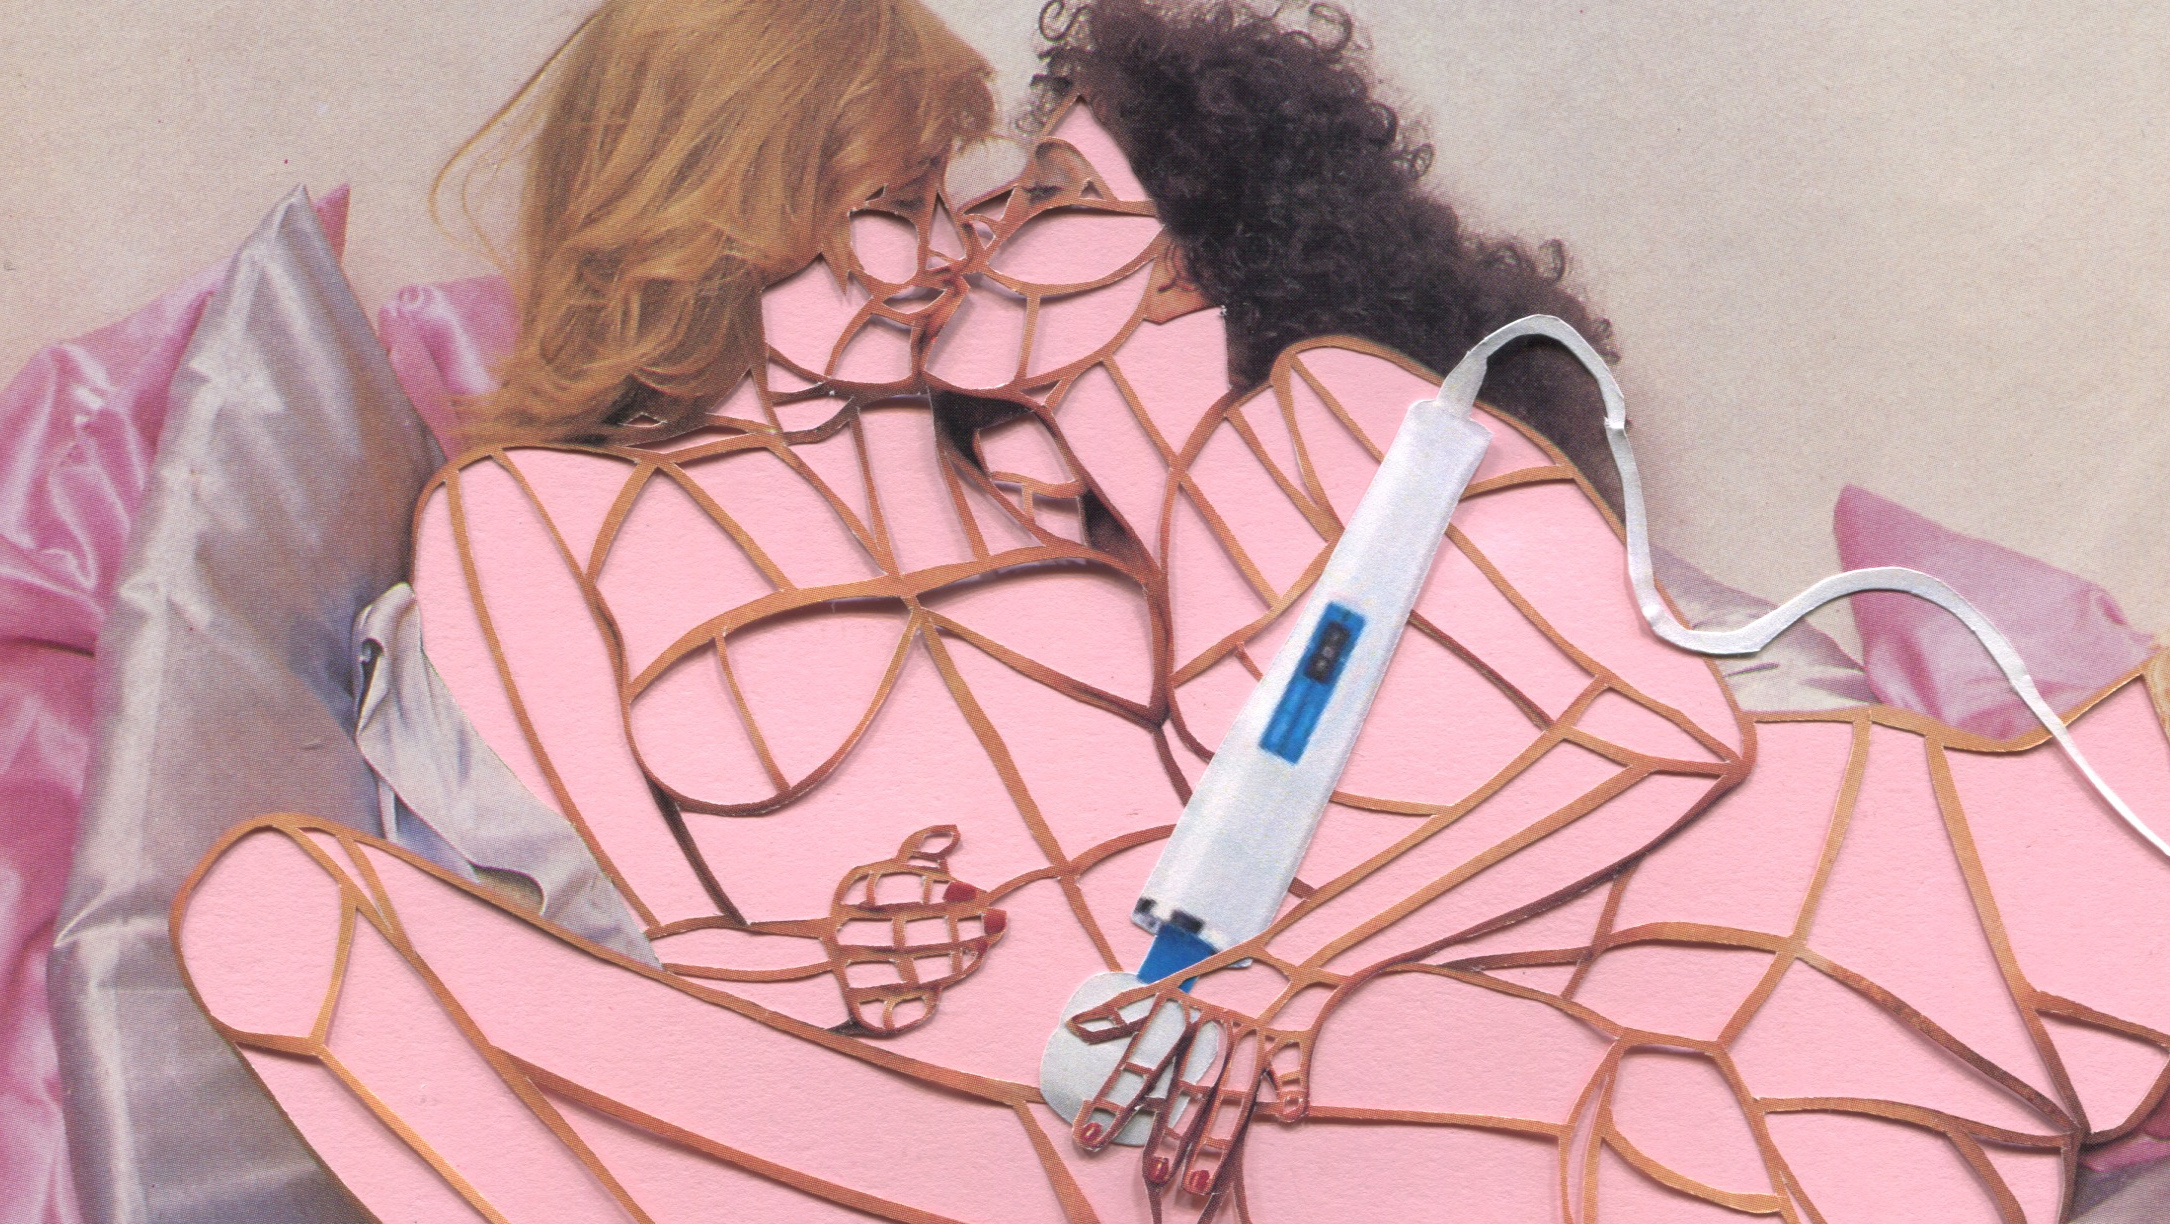 vibratoren für anfänger dicke männer porno